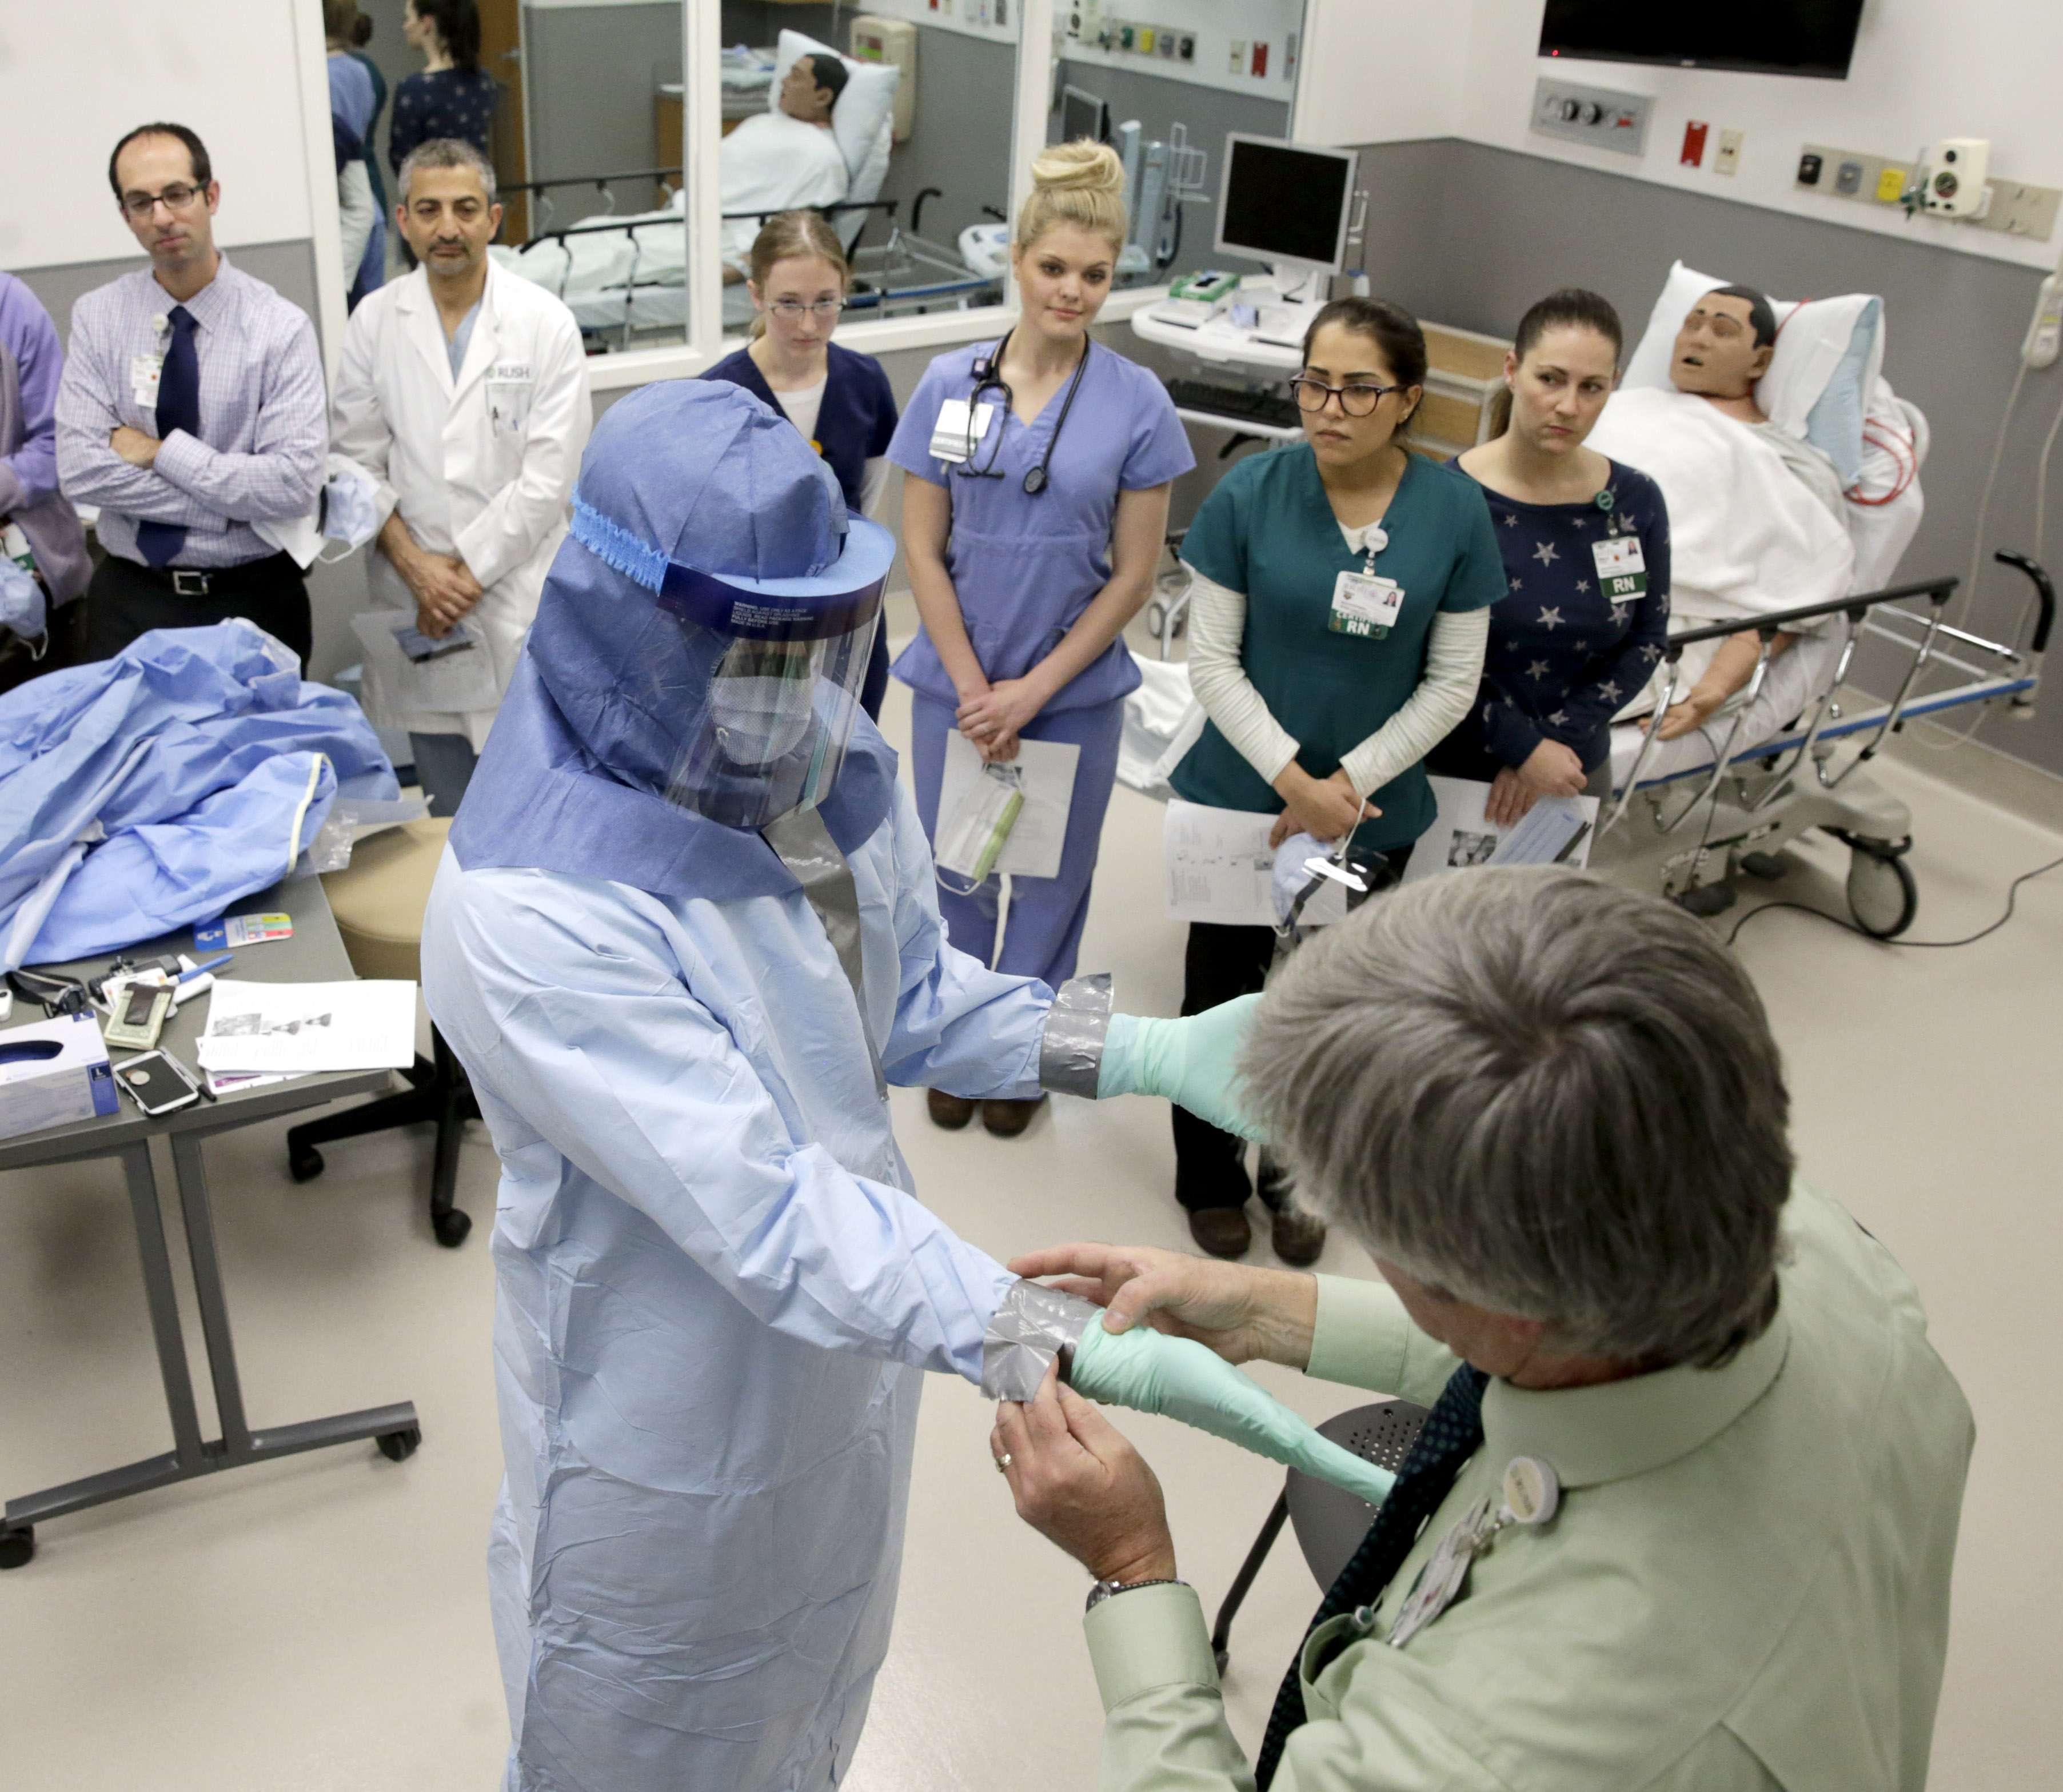 La enfermera Keene Roadman totalmente vestida con uniforme especial y el enfermero Fred Serafin, a la derecha, muestran los procedimientos para el uso del equipo protector en la atención de pacientes con ébola en el Centro Médico de la Universidad Rush en Chicago, Foto: AP en español